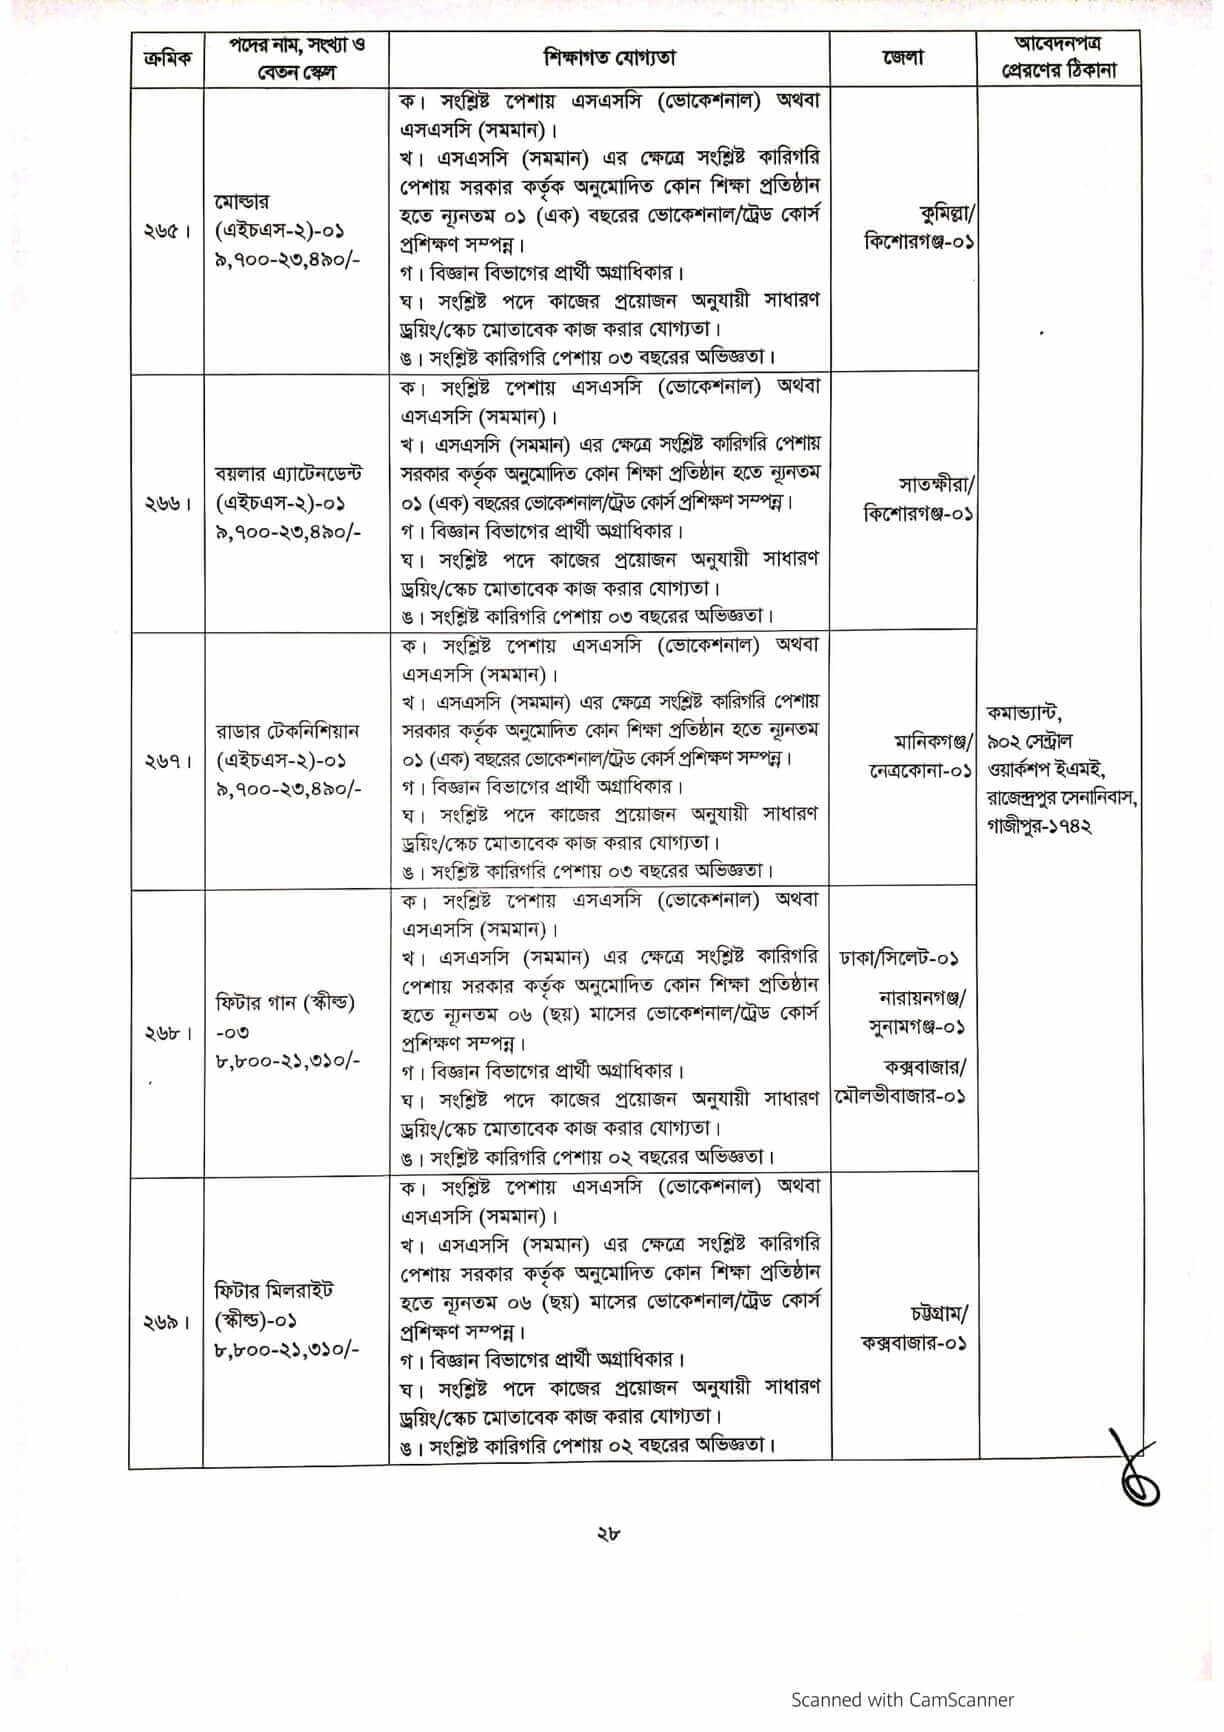 www.army.mil.bd circular 2021